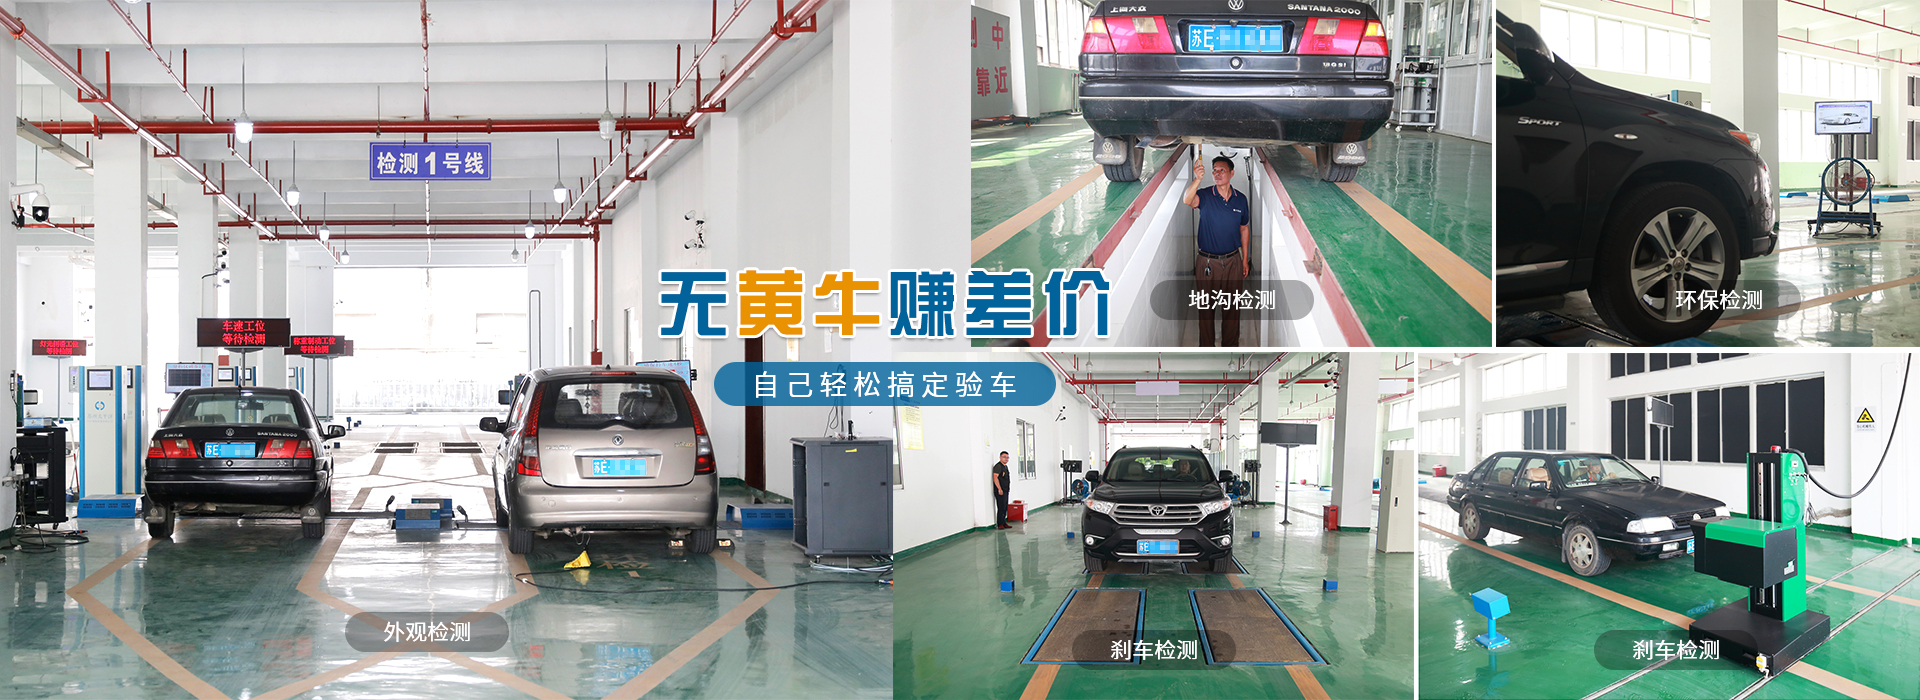 汽车年检流程.jpg